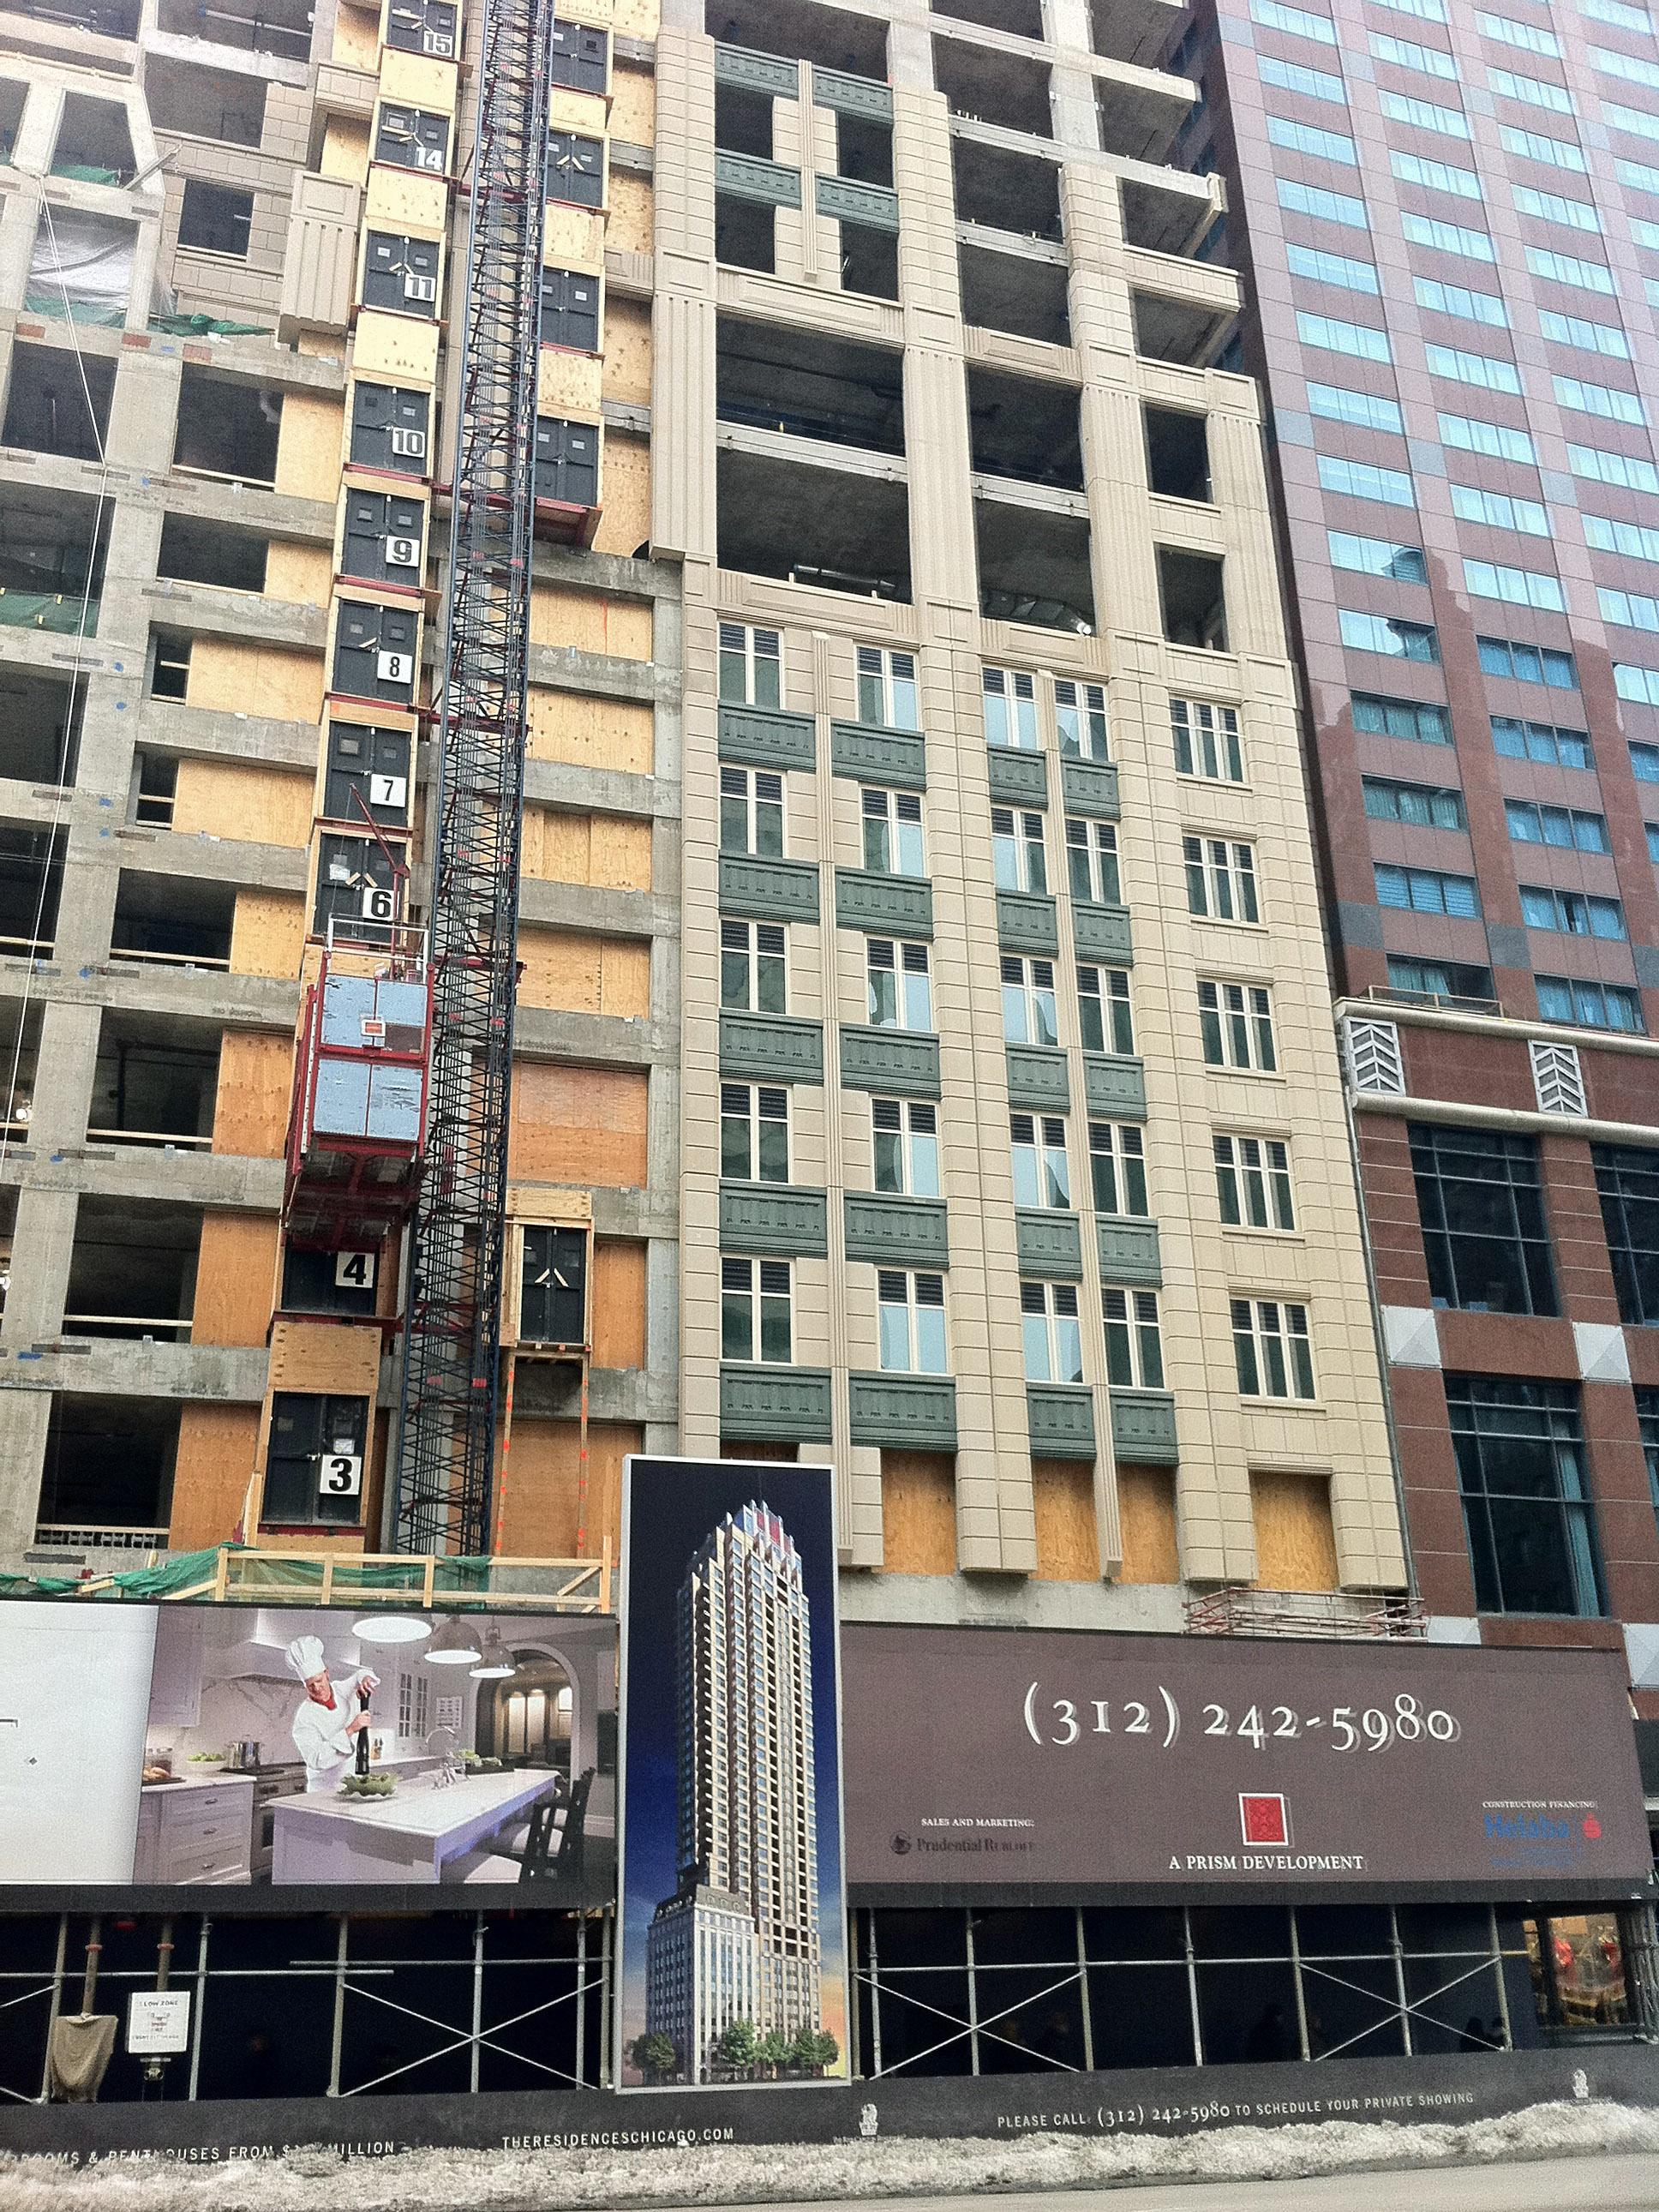 Ritz-Carlton Residences, 664 N Michigan Ave, Chicago